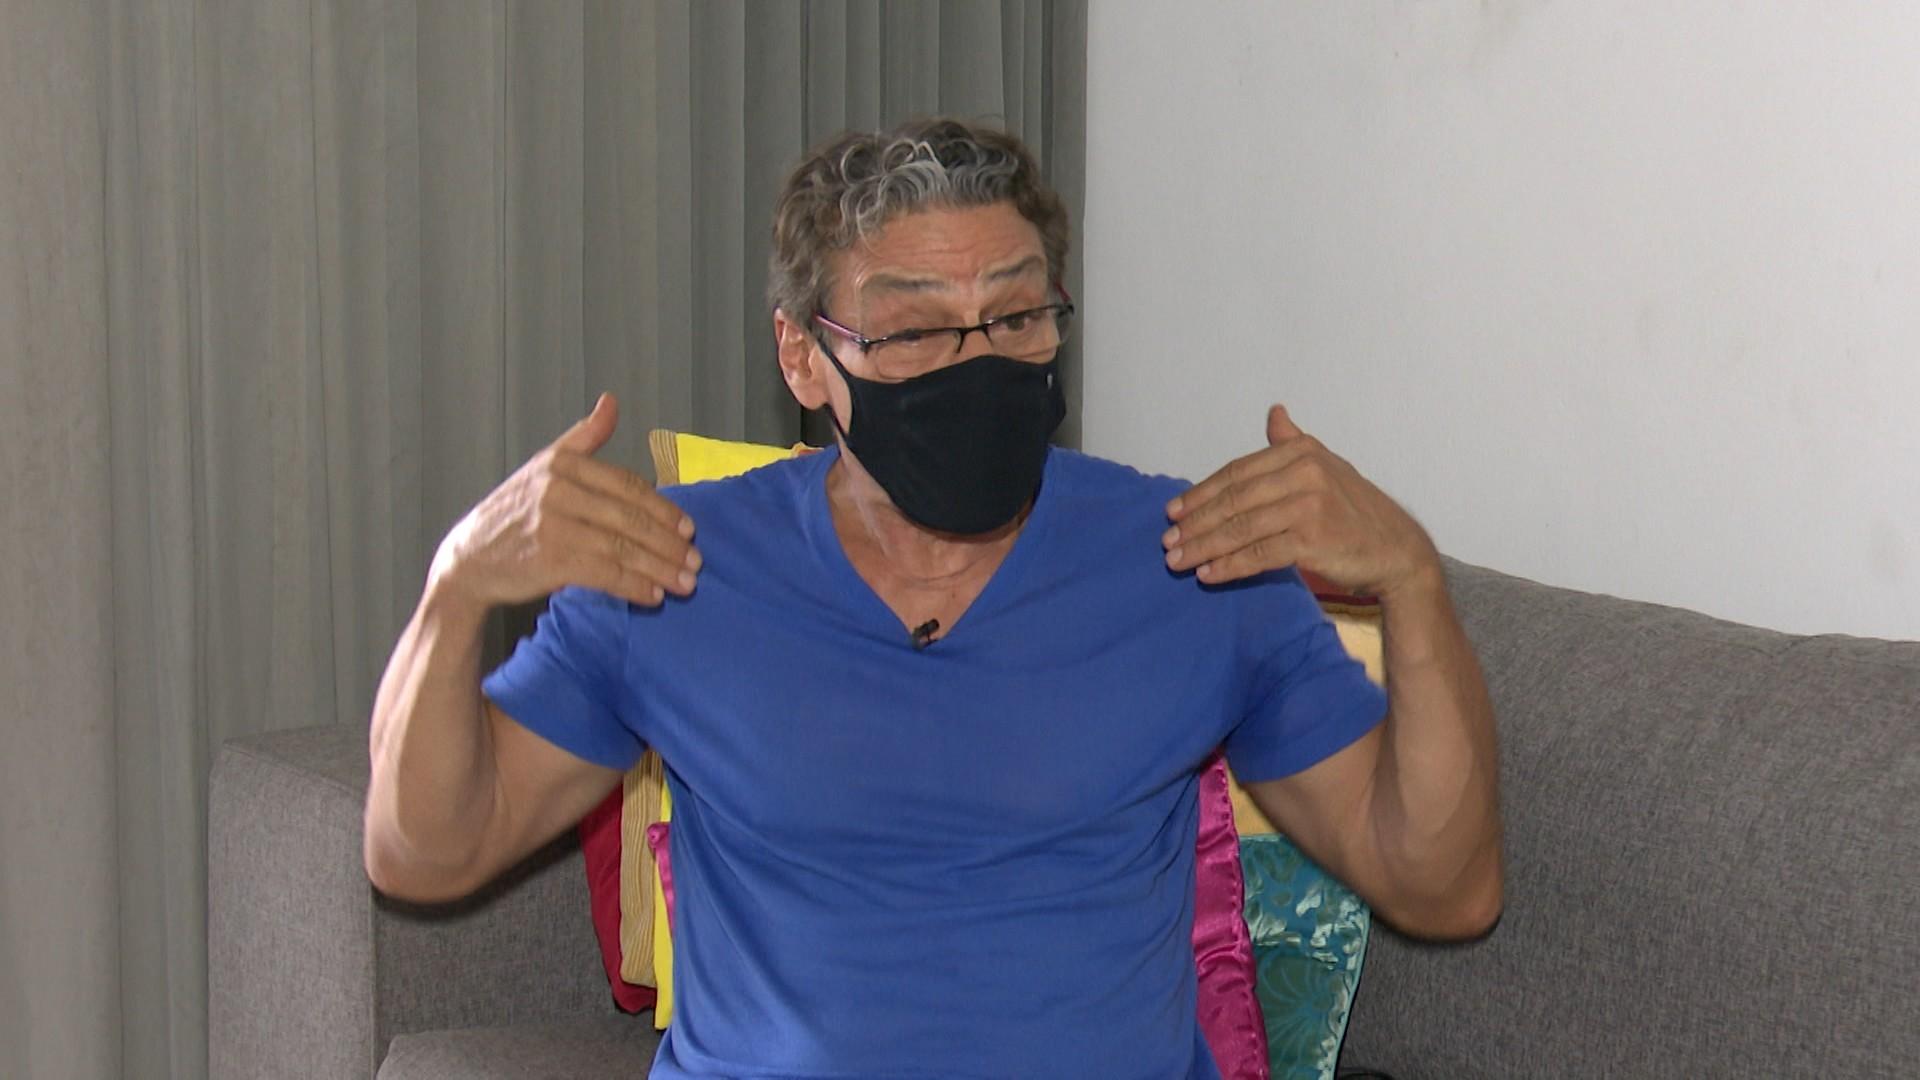 Ator Luiz Carlos Vasconcelos vai estrear como diretor em curta-metragem da Paraíba